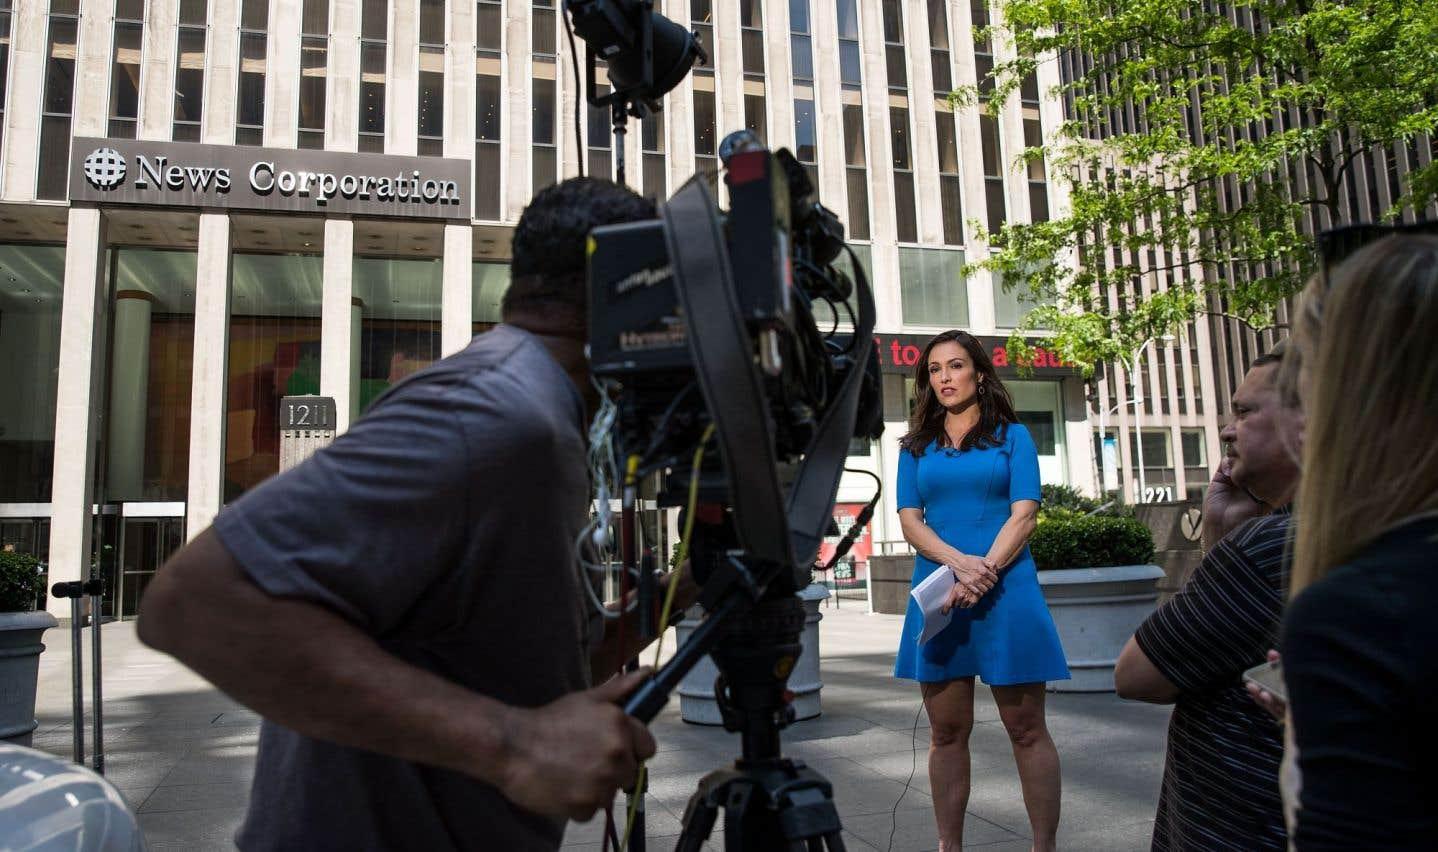 Fox News accusée d'avoir publié de fausses informations à la demande de Trump